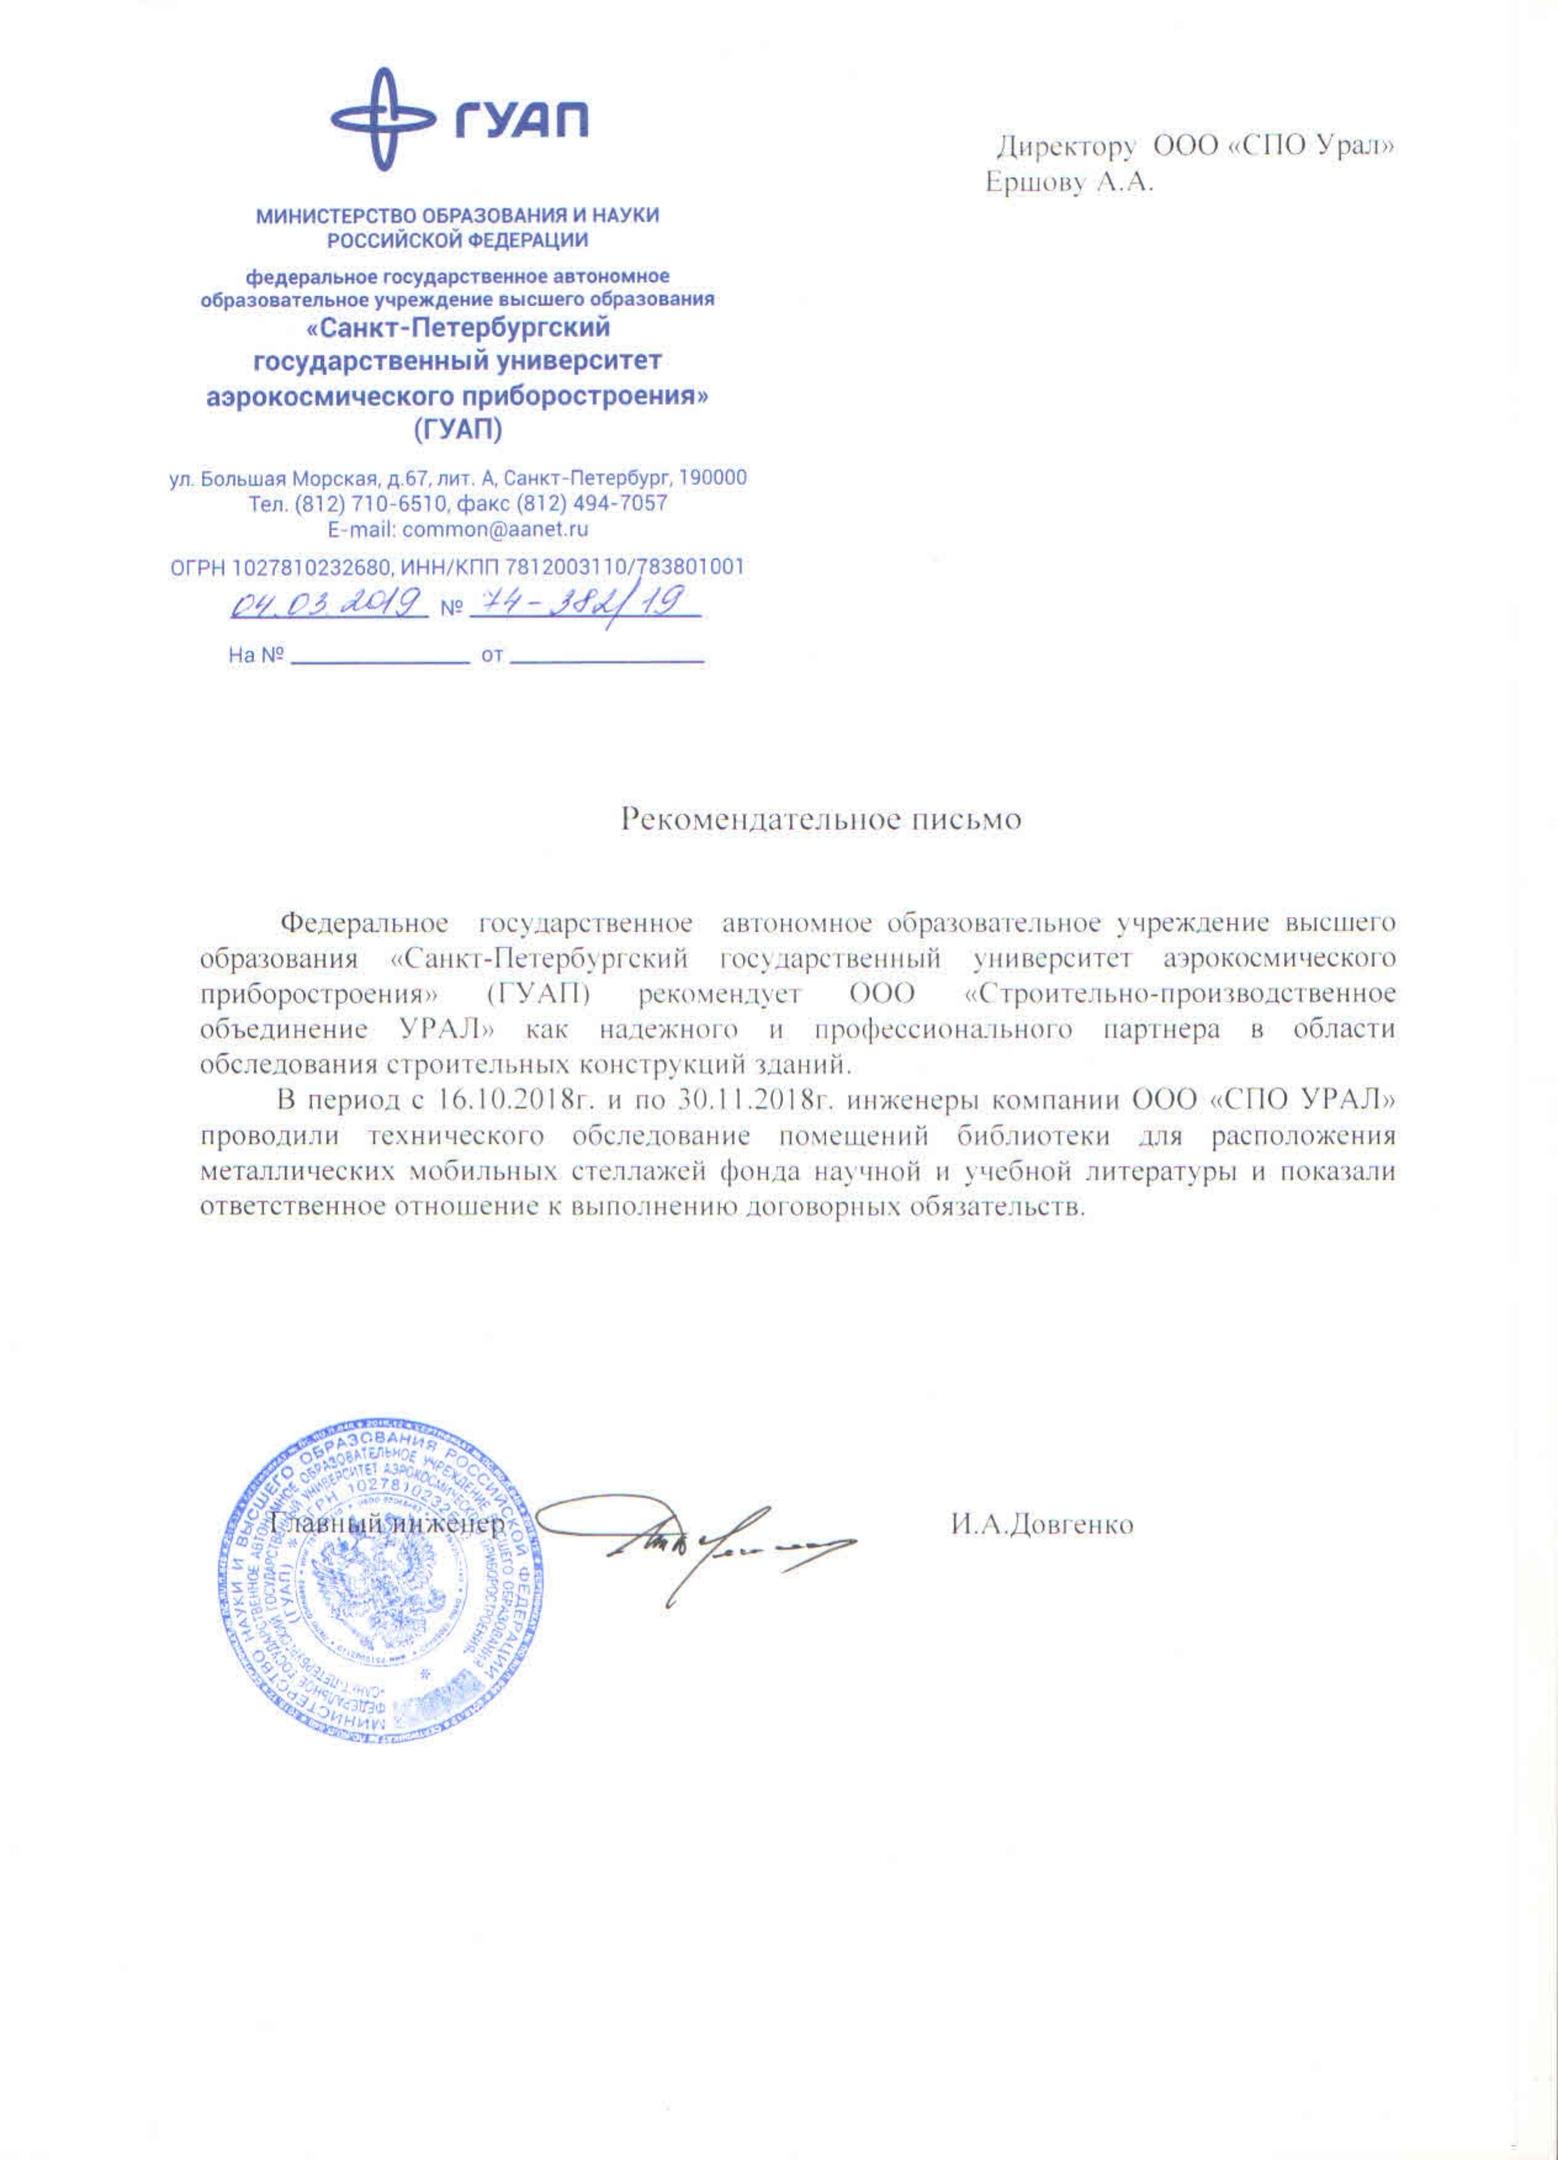 Отзыв о компании СПО УРАЛ